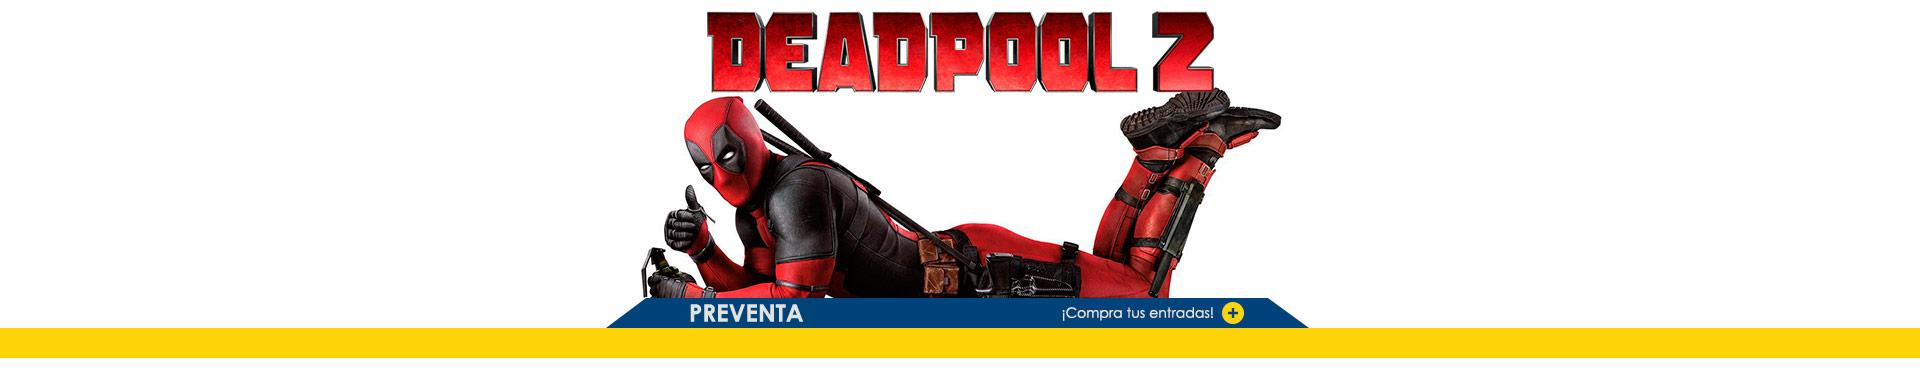 Preventa Deadpool